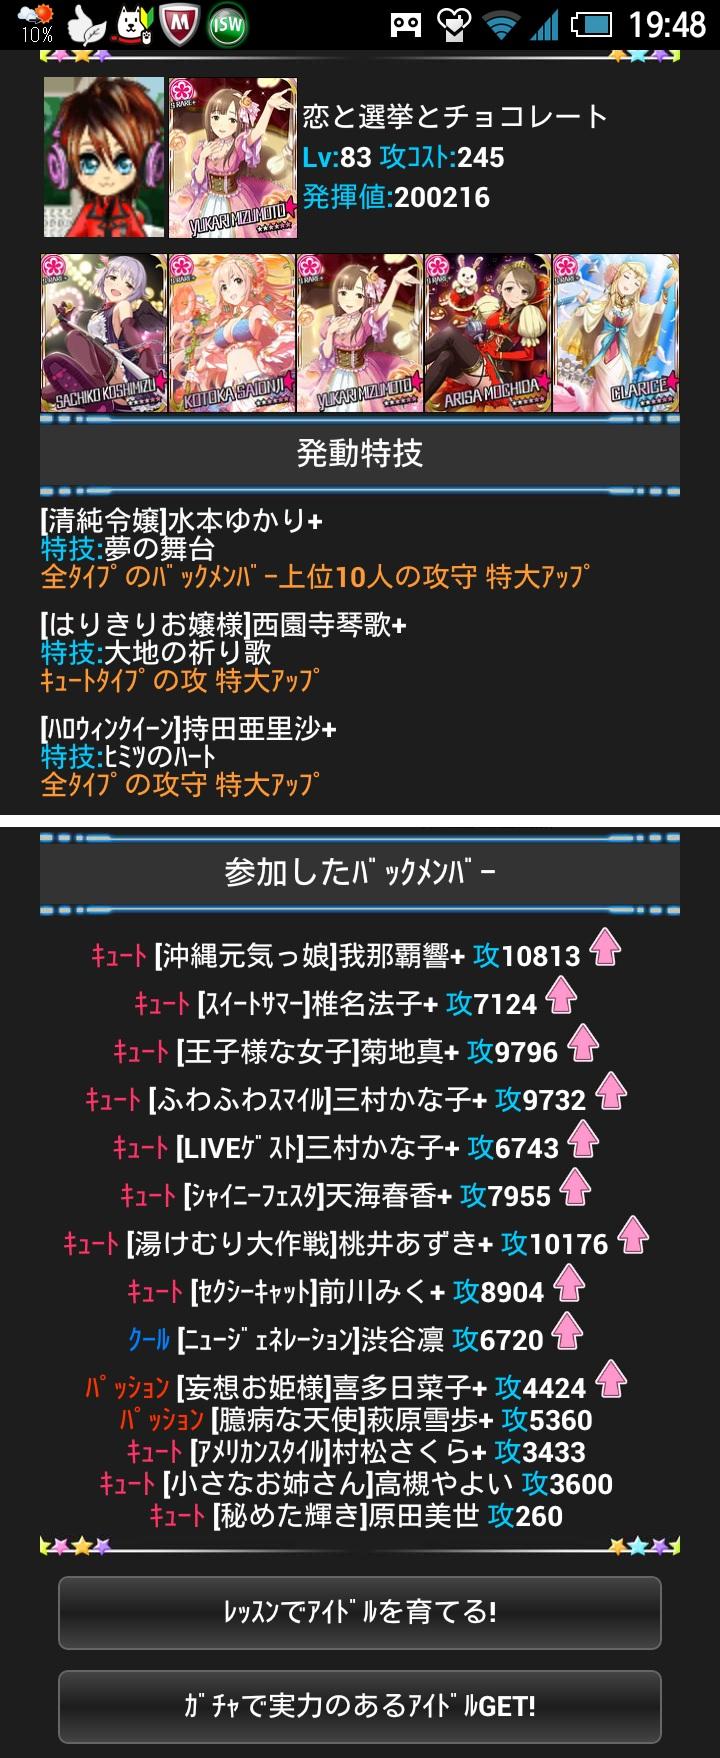 2013-01-08-19-48-15.jpg